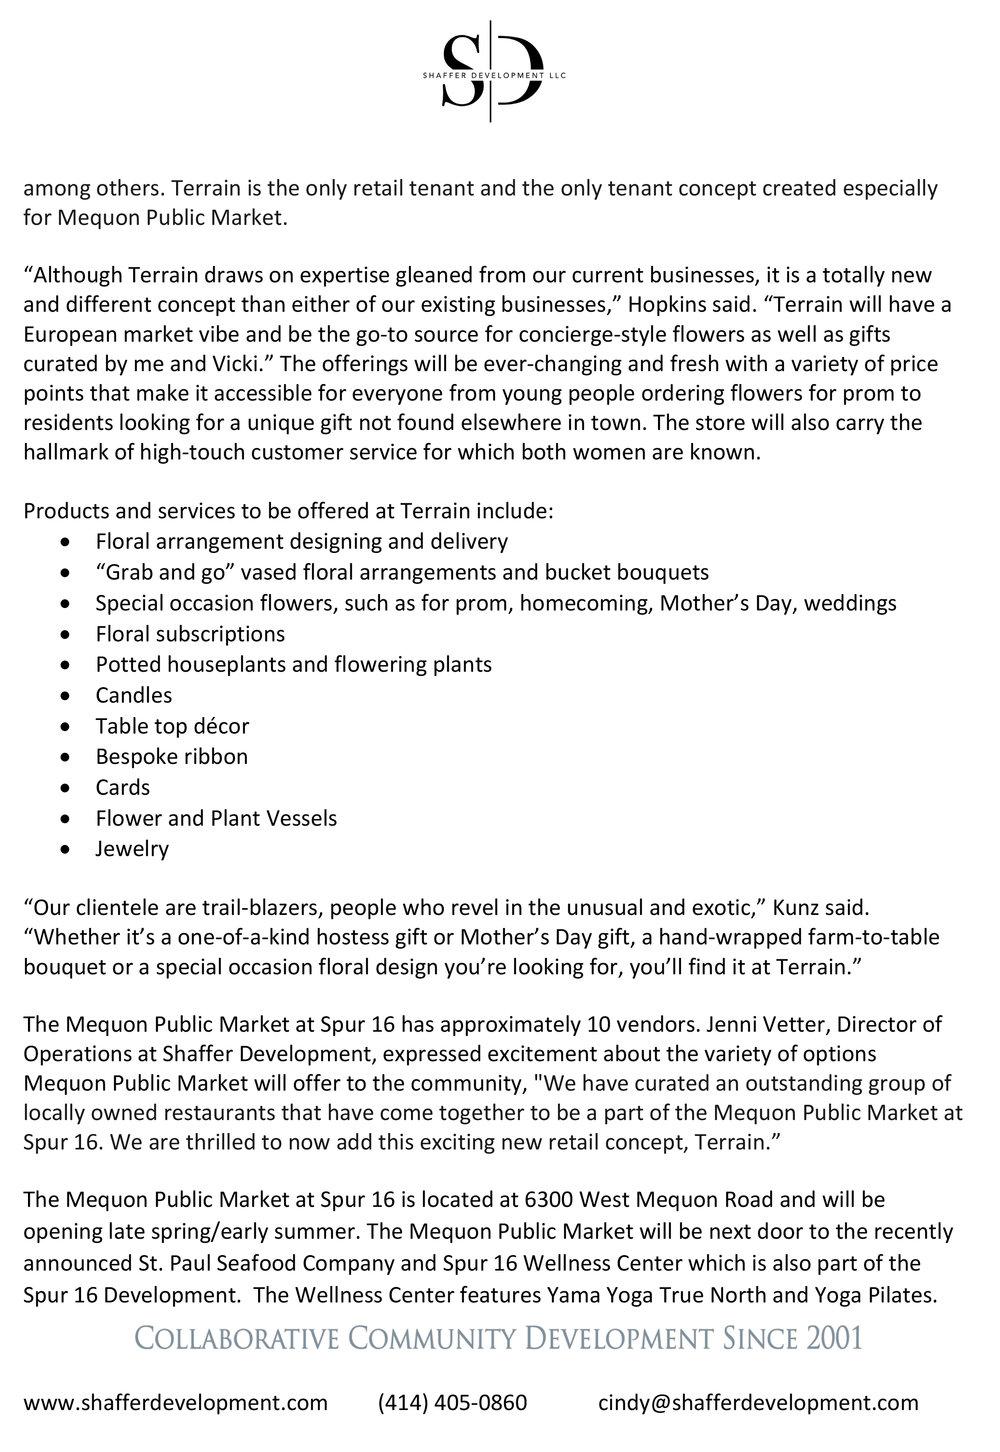 Terrain Press Release 2.jpg